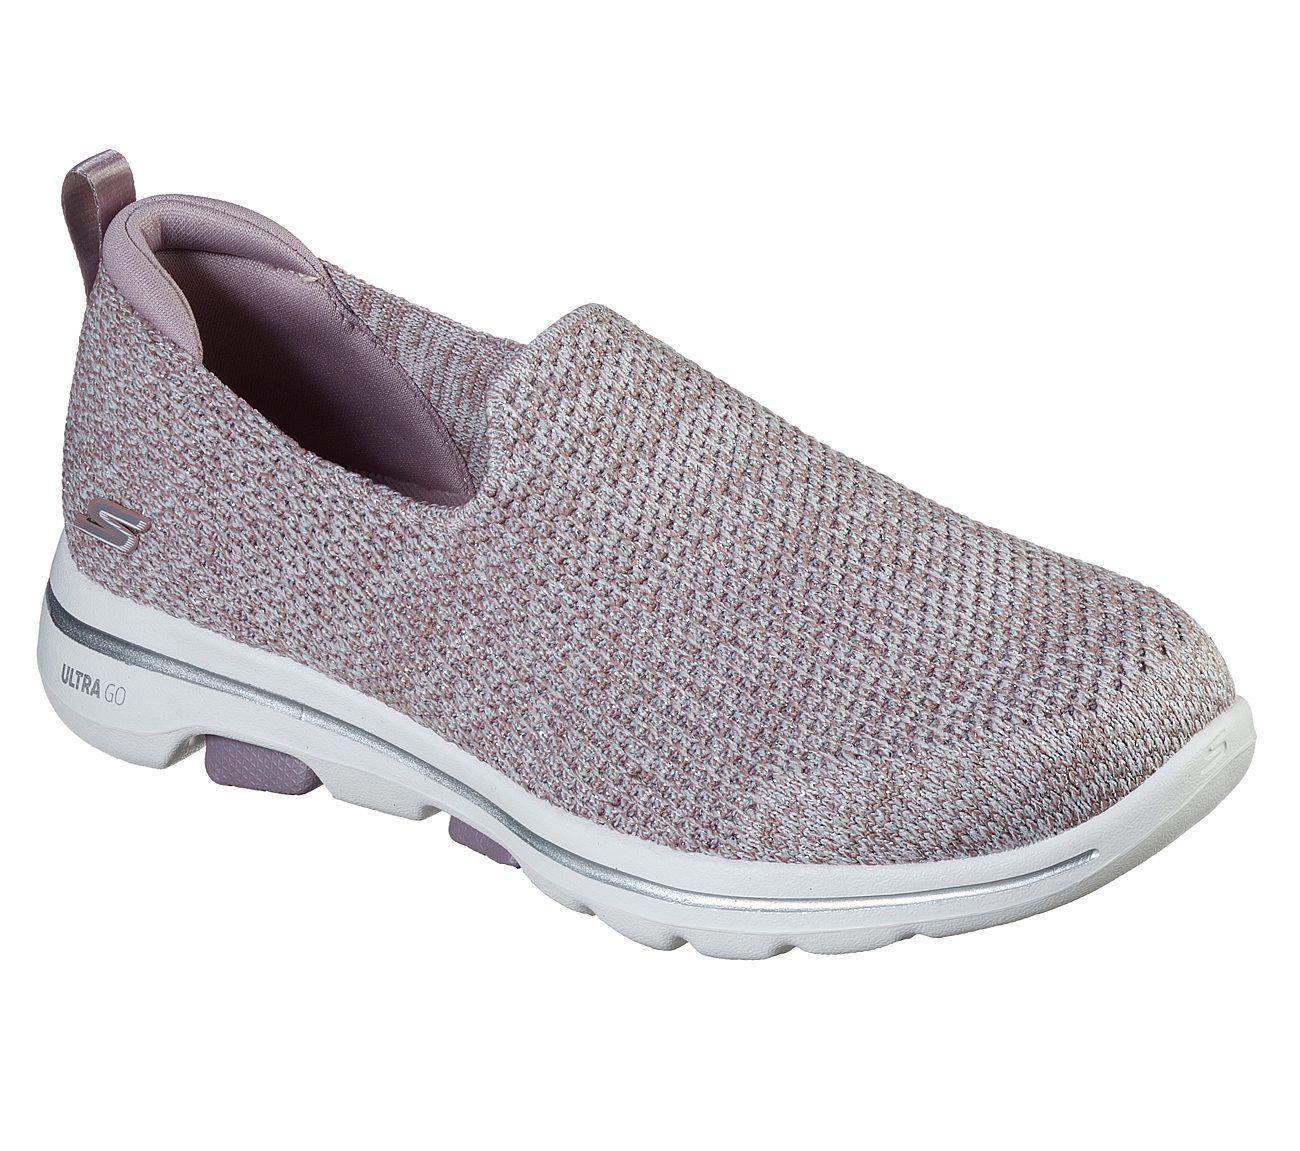 hidrógeno Instalaciones extraer  Buy SKECHERS Skechers GOwalk 5 - Wonderful Skechers Performance Shoes |  Skechers, Shoe technology, Skechers women